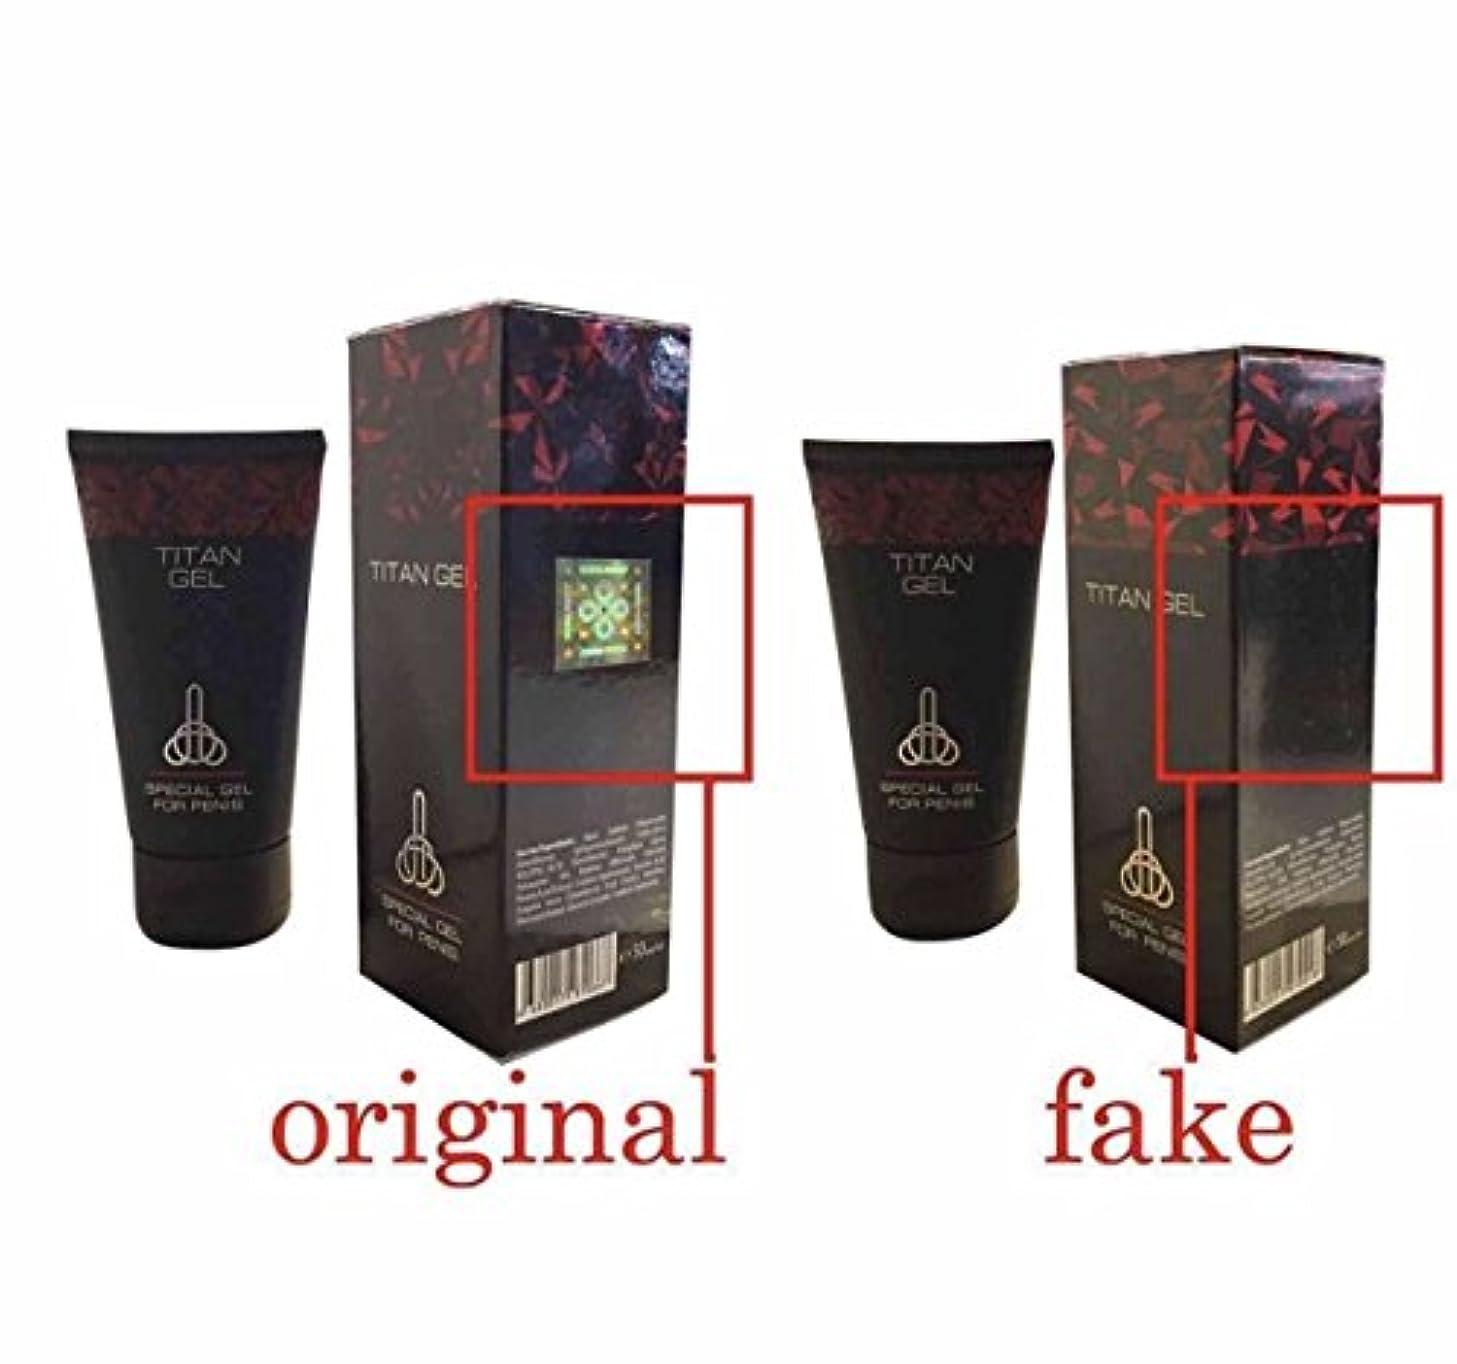 生活防腐剤不十分なタイタンジェル Titan gel 50ml 2箱セット 日本語説明付き [並行輸入品]